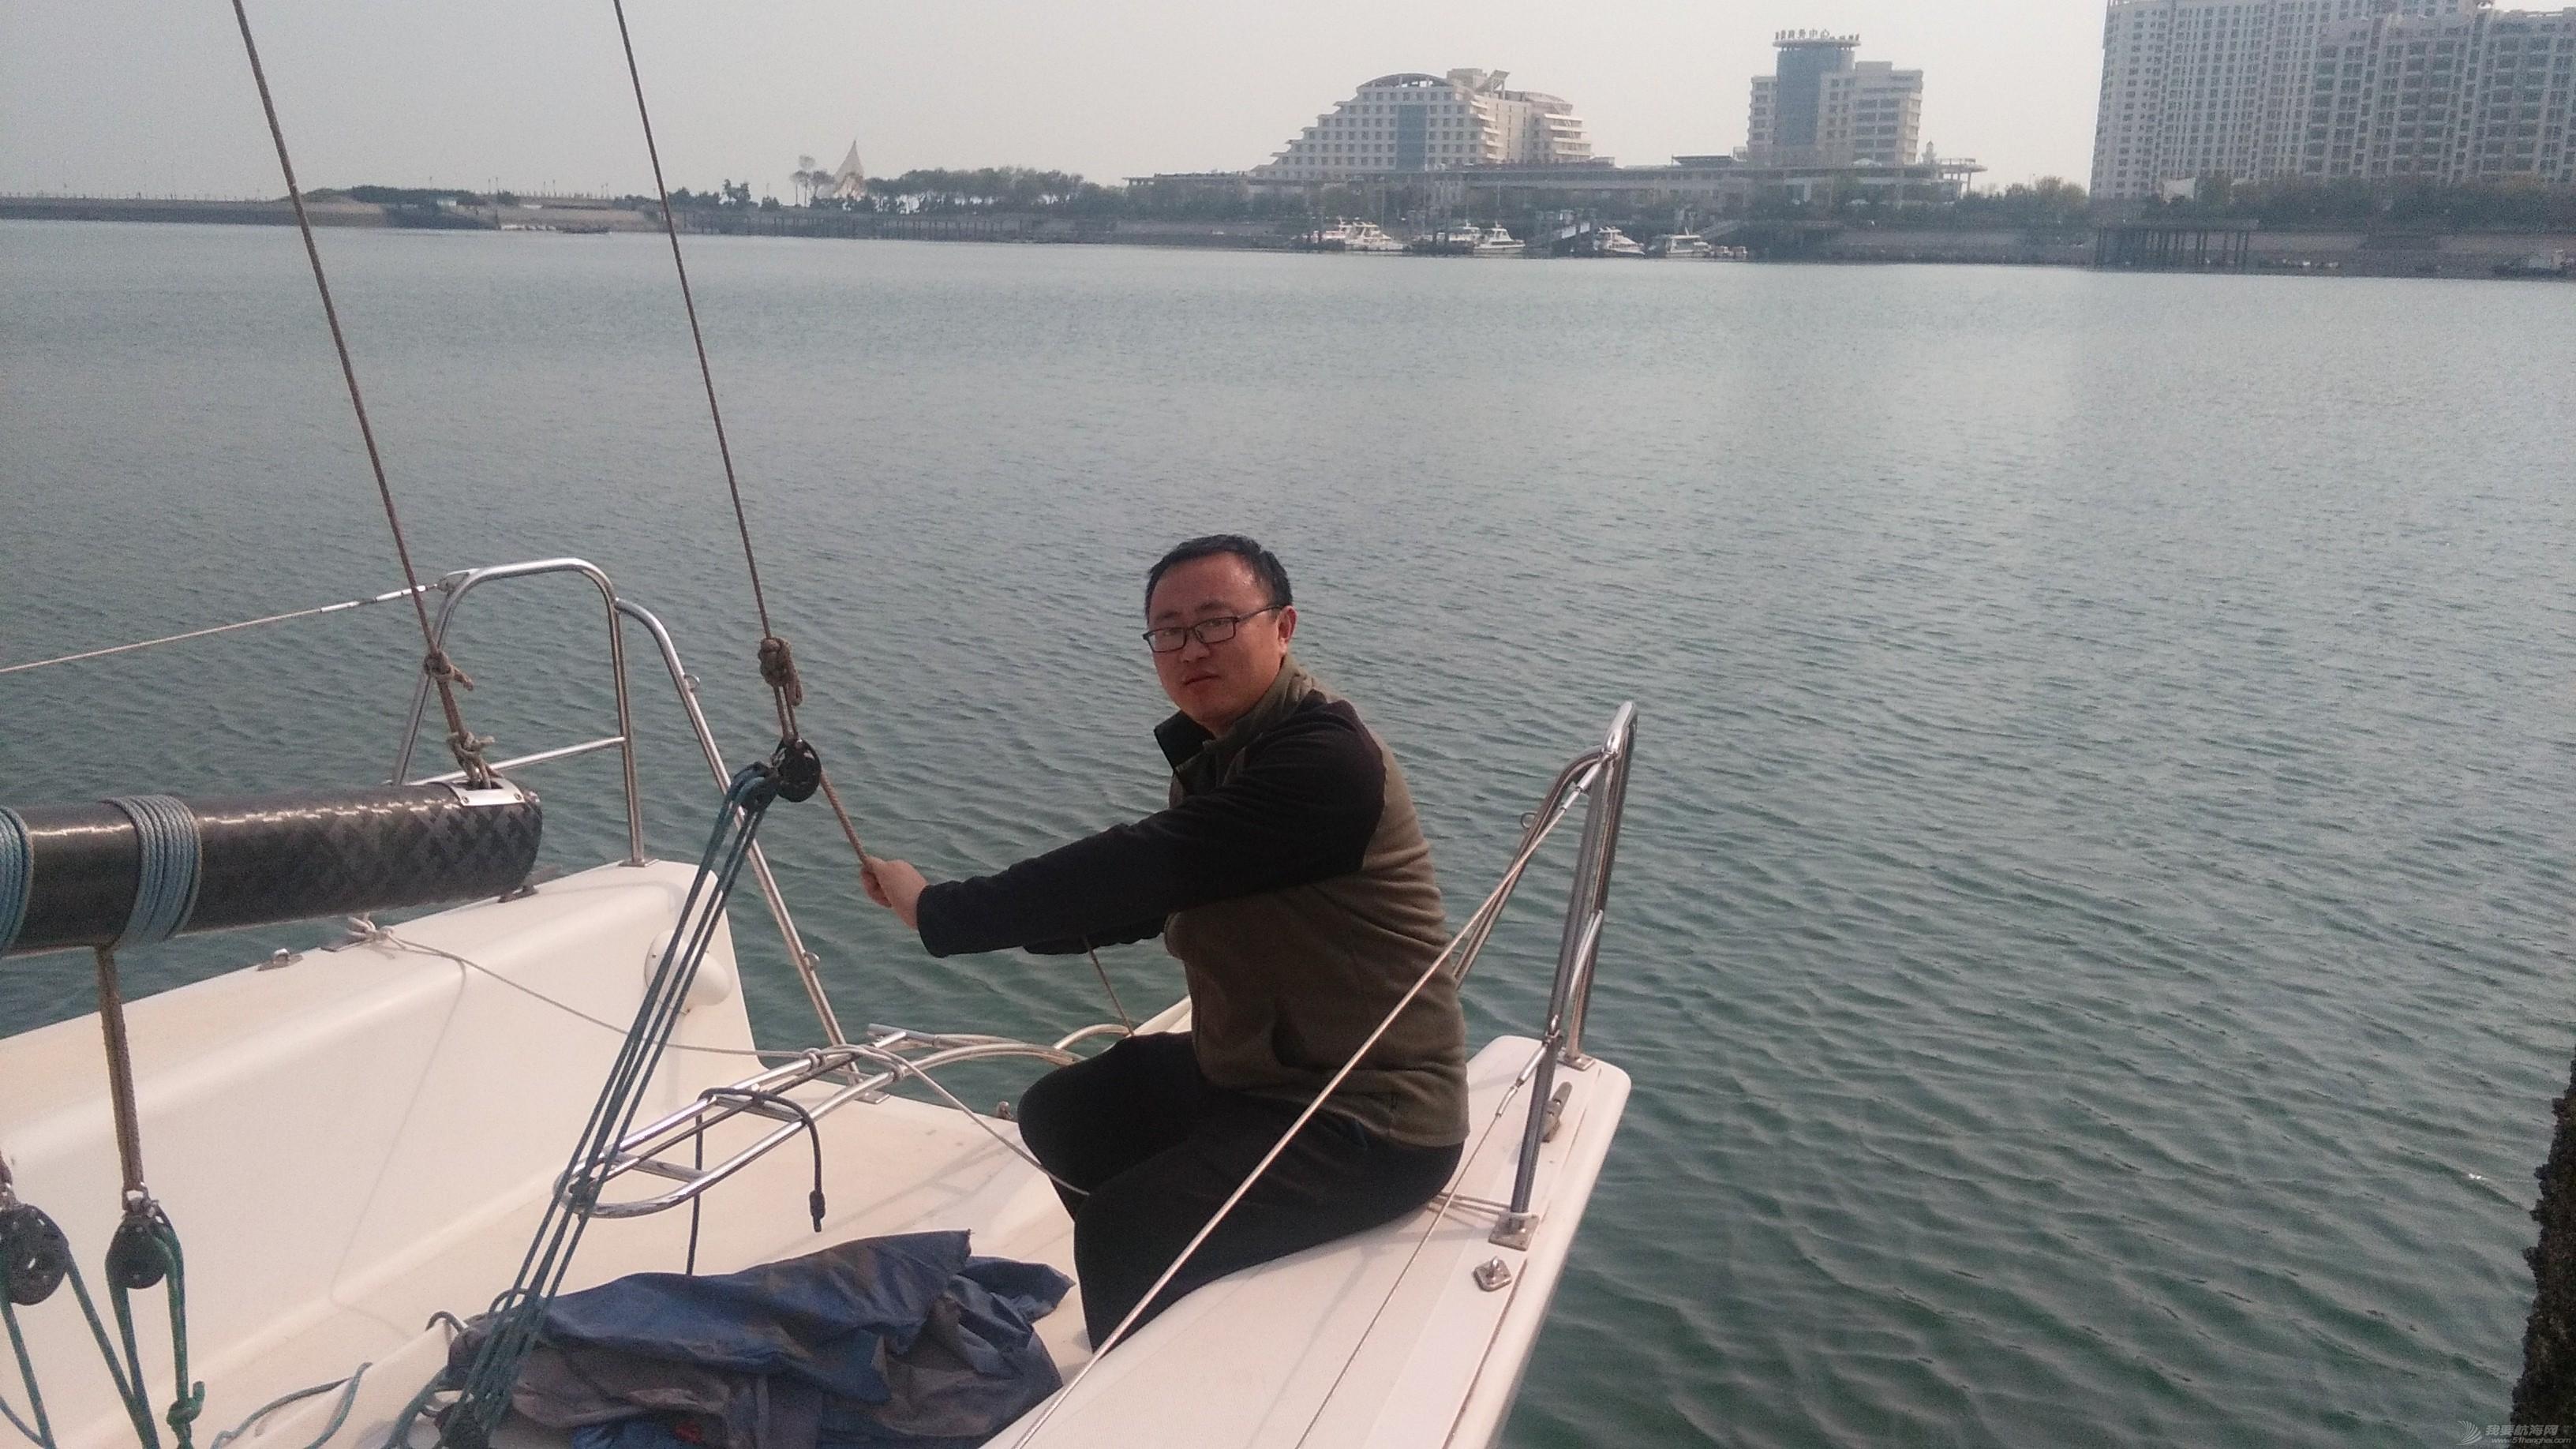 日照 日照公益航海第六期---奔跑吧兄弟